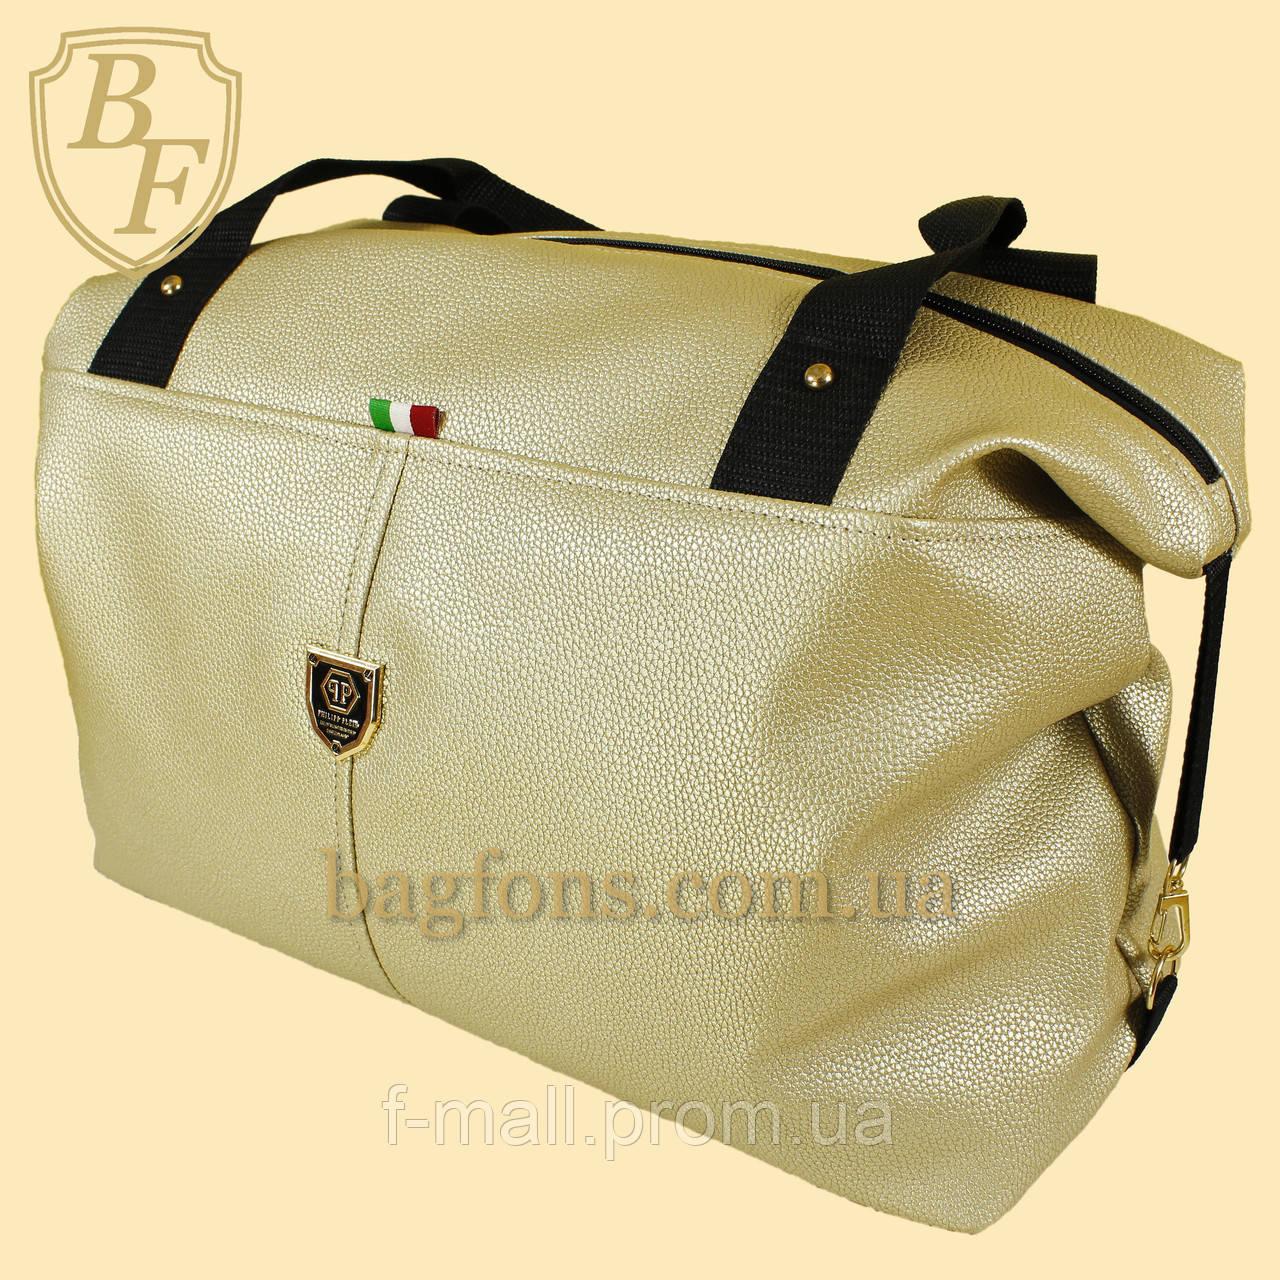 Женская дорожная сумка искусственная кожа золотистая